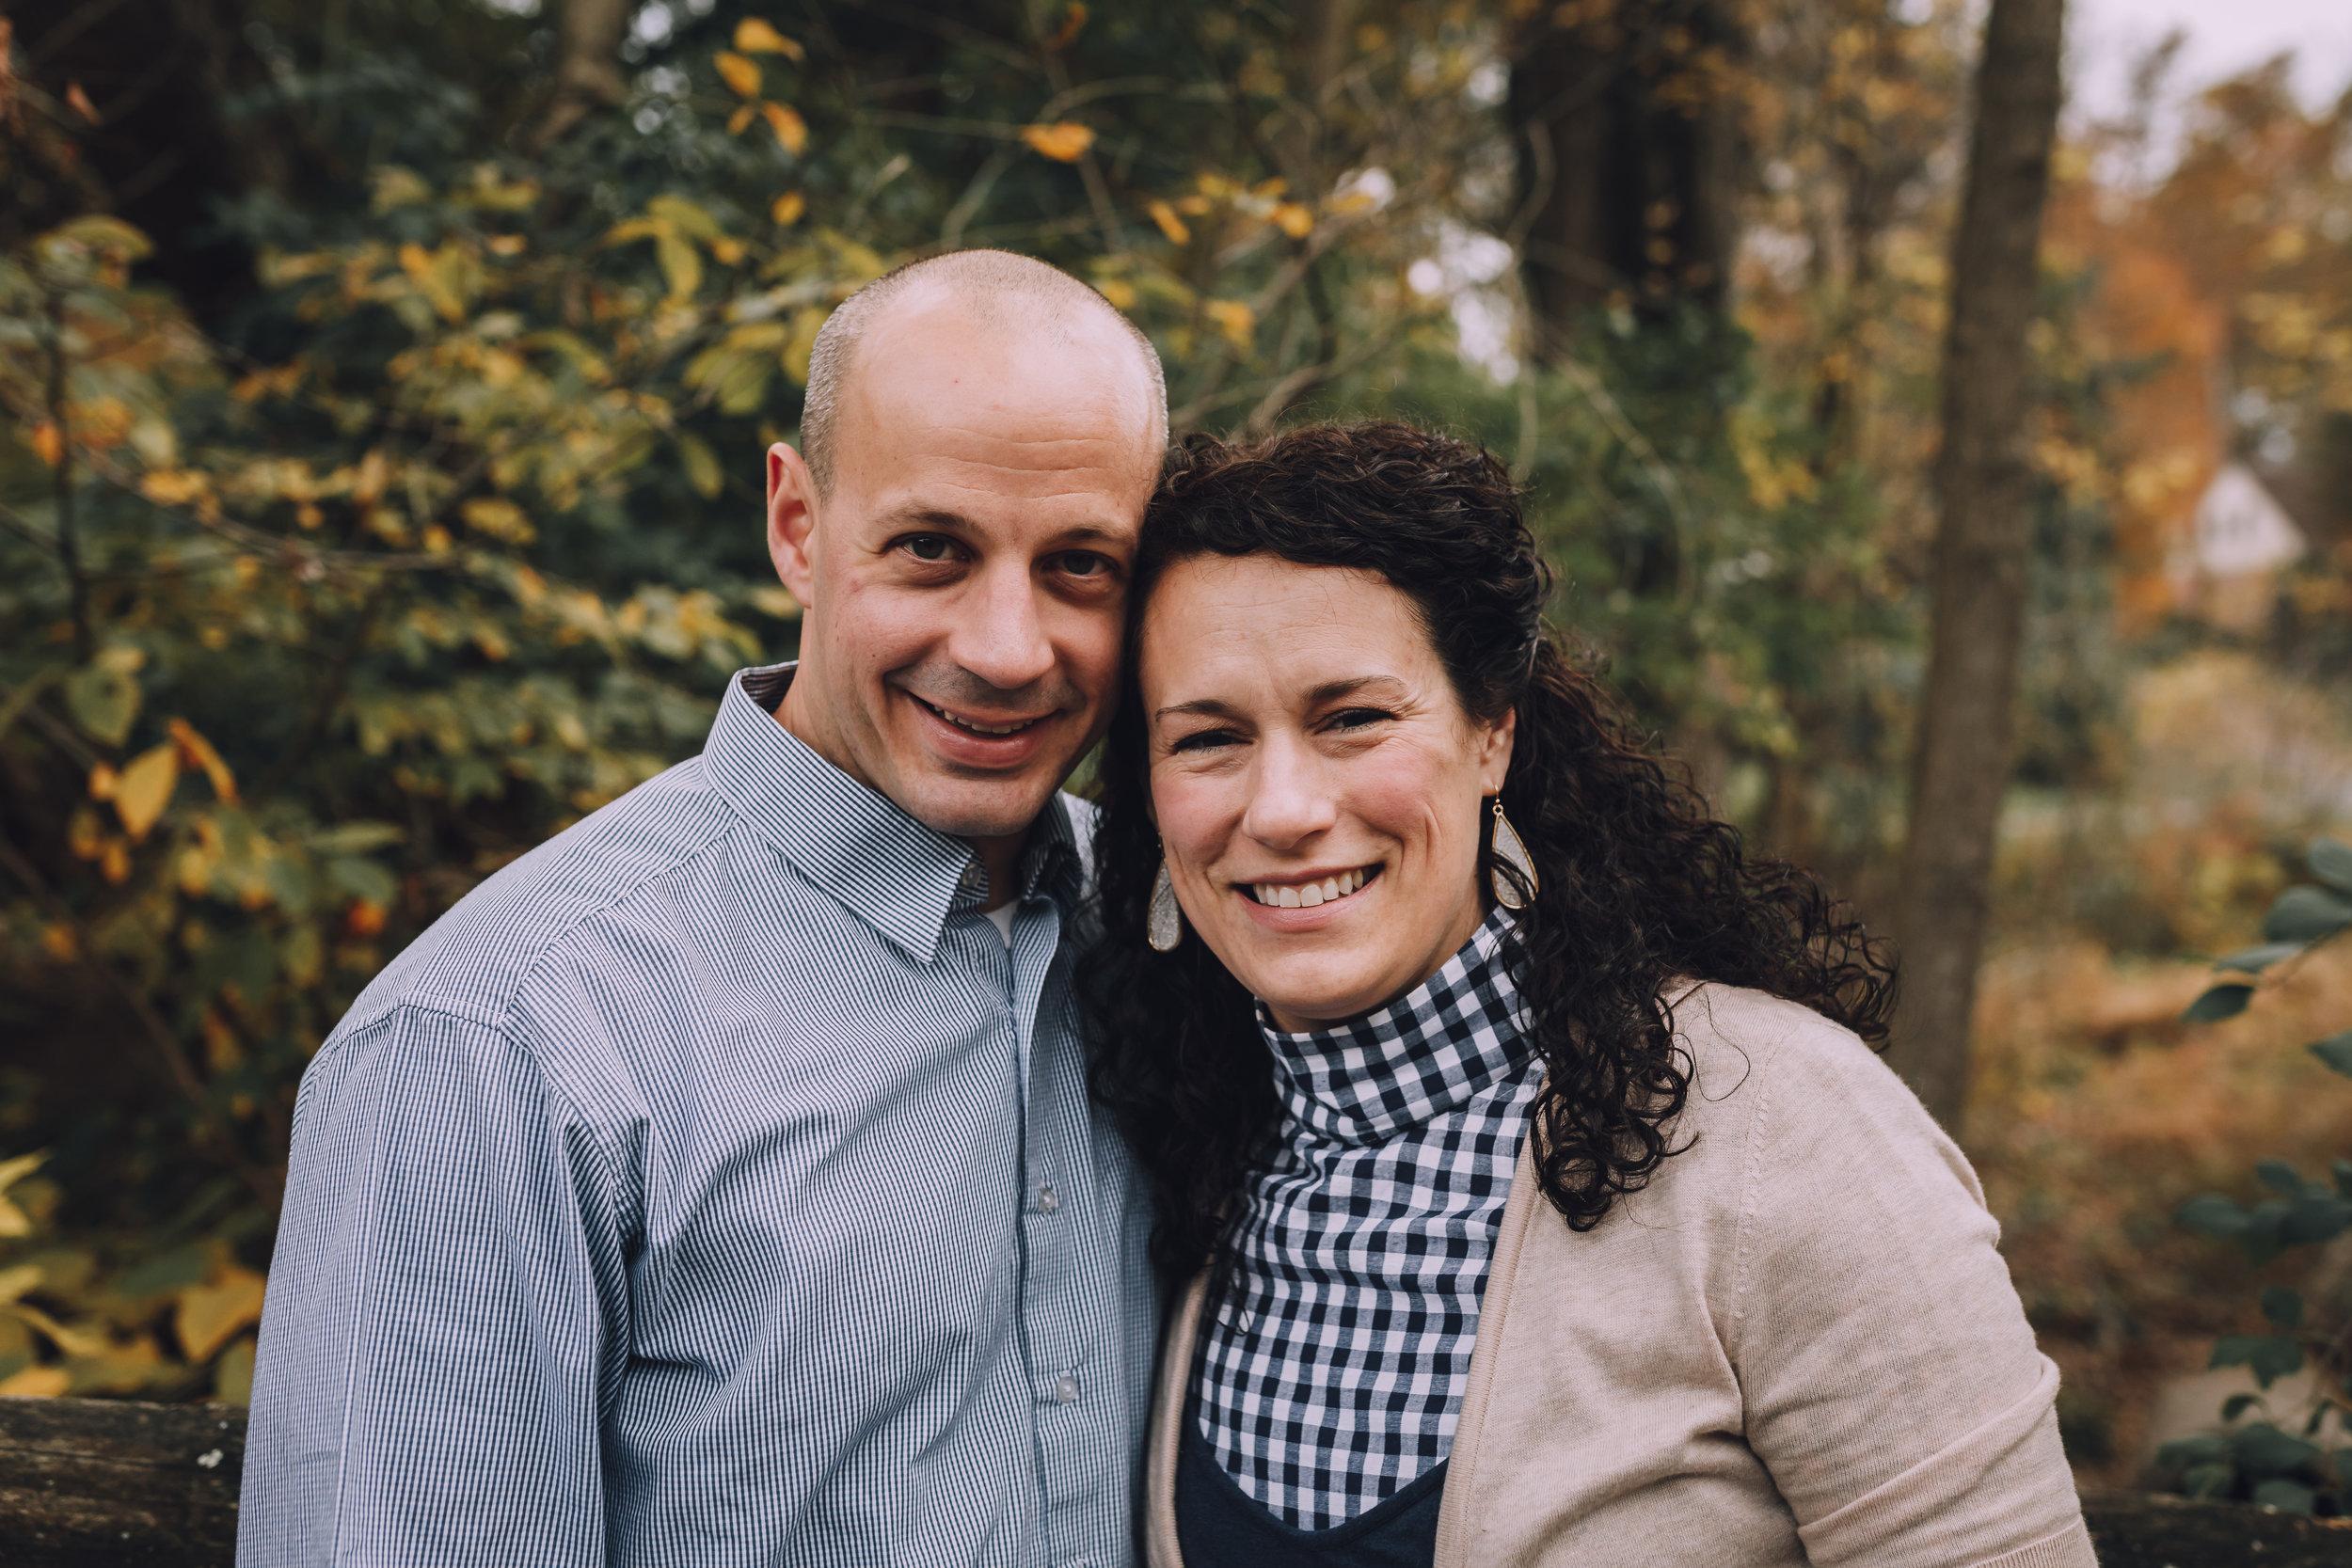 Family_Photographer_Rockville_Maryland19.jpg